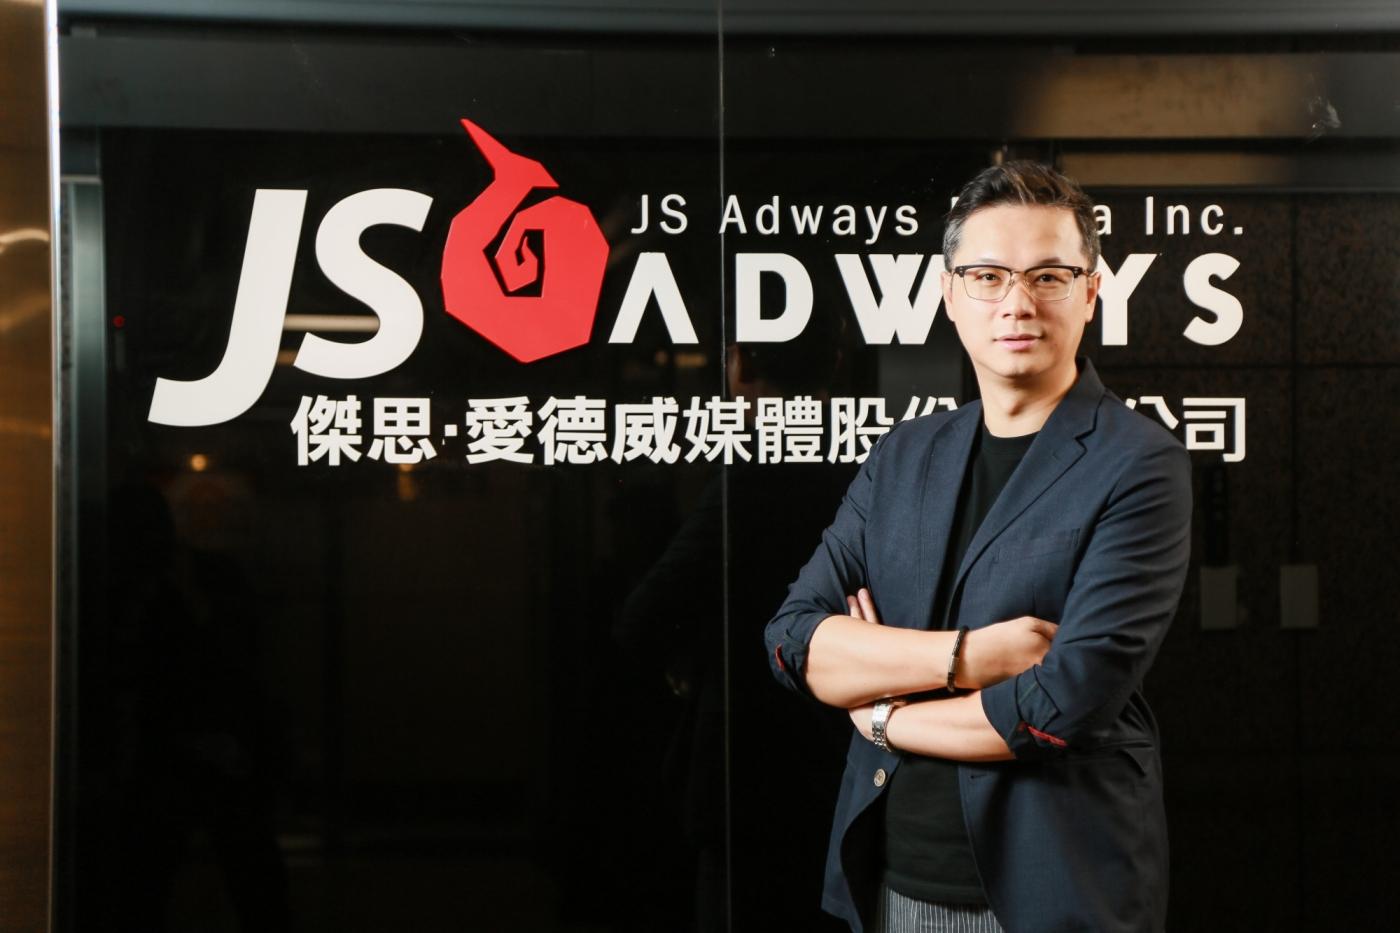 專訪傑思‧愛德威創辦人楊佳燊:以MAdTech為核心,打造台灣的行銷創意生態圈